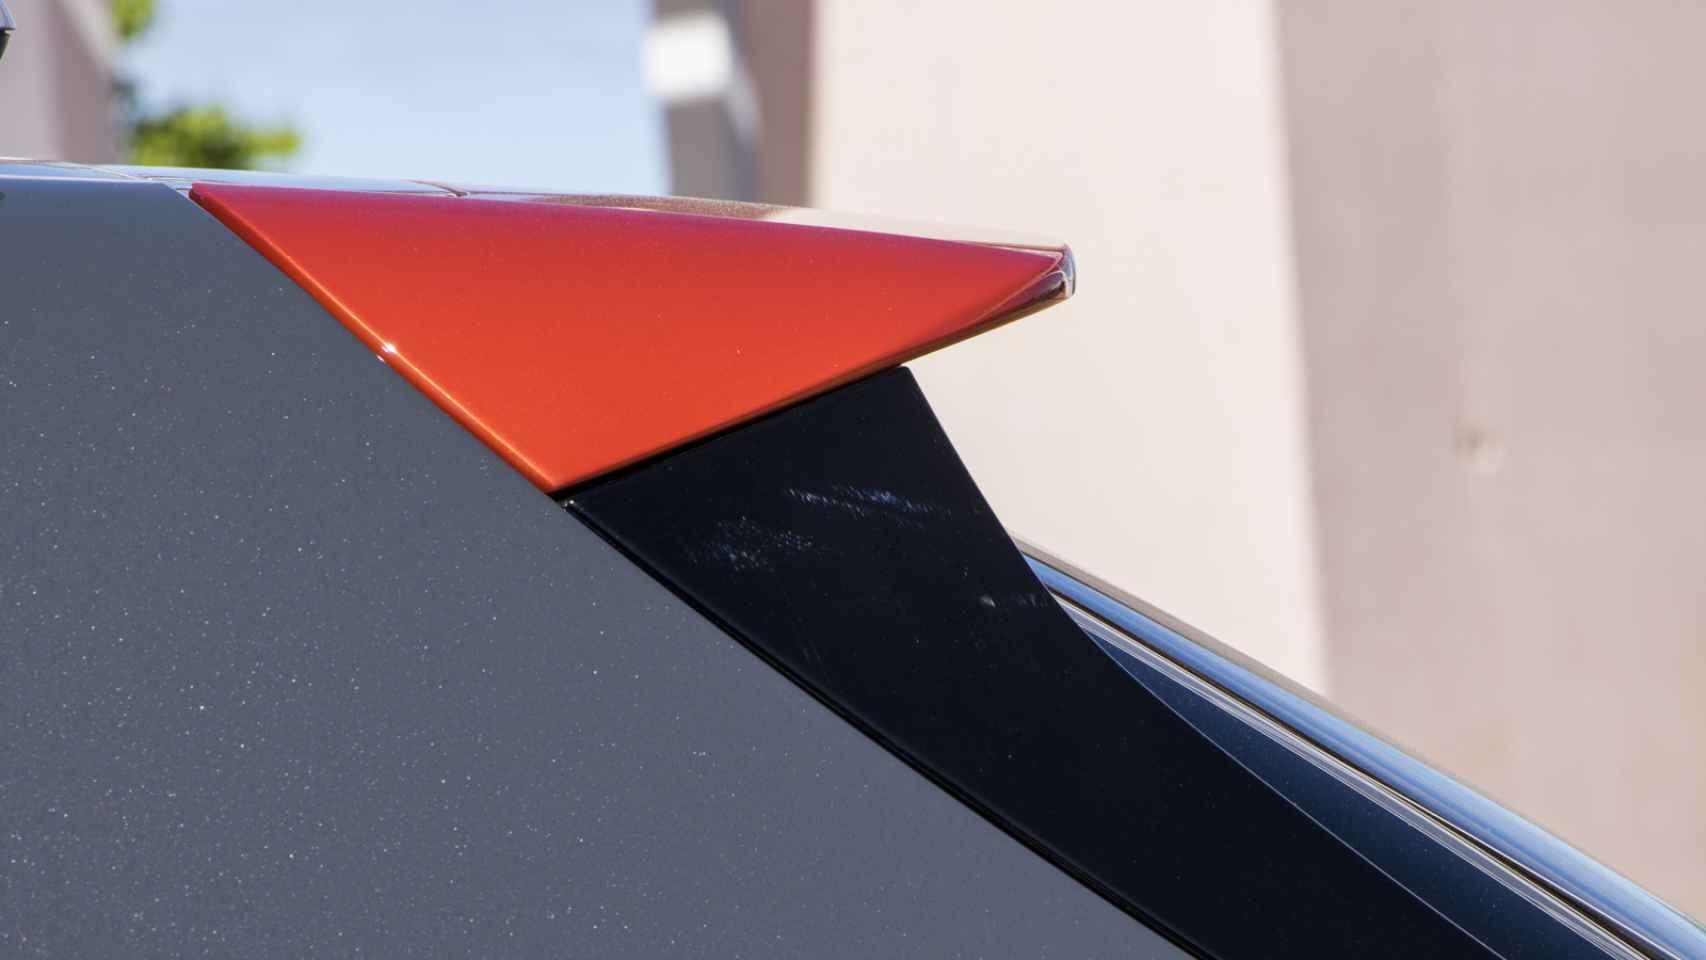 Nuevo Kia Stonic 2021: galería de fotos de la versión probada 1.0 T-GDi 120 CV GT-Line